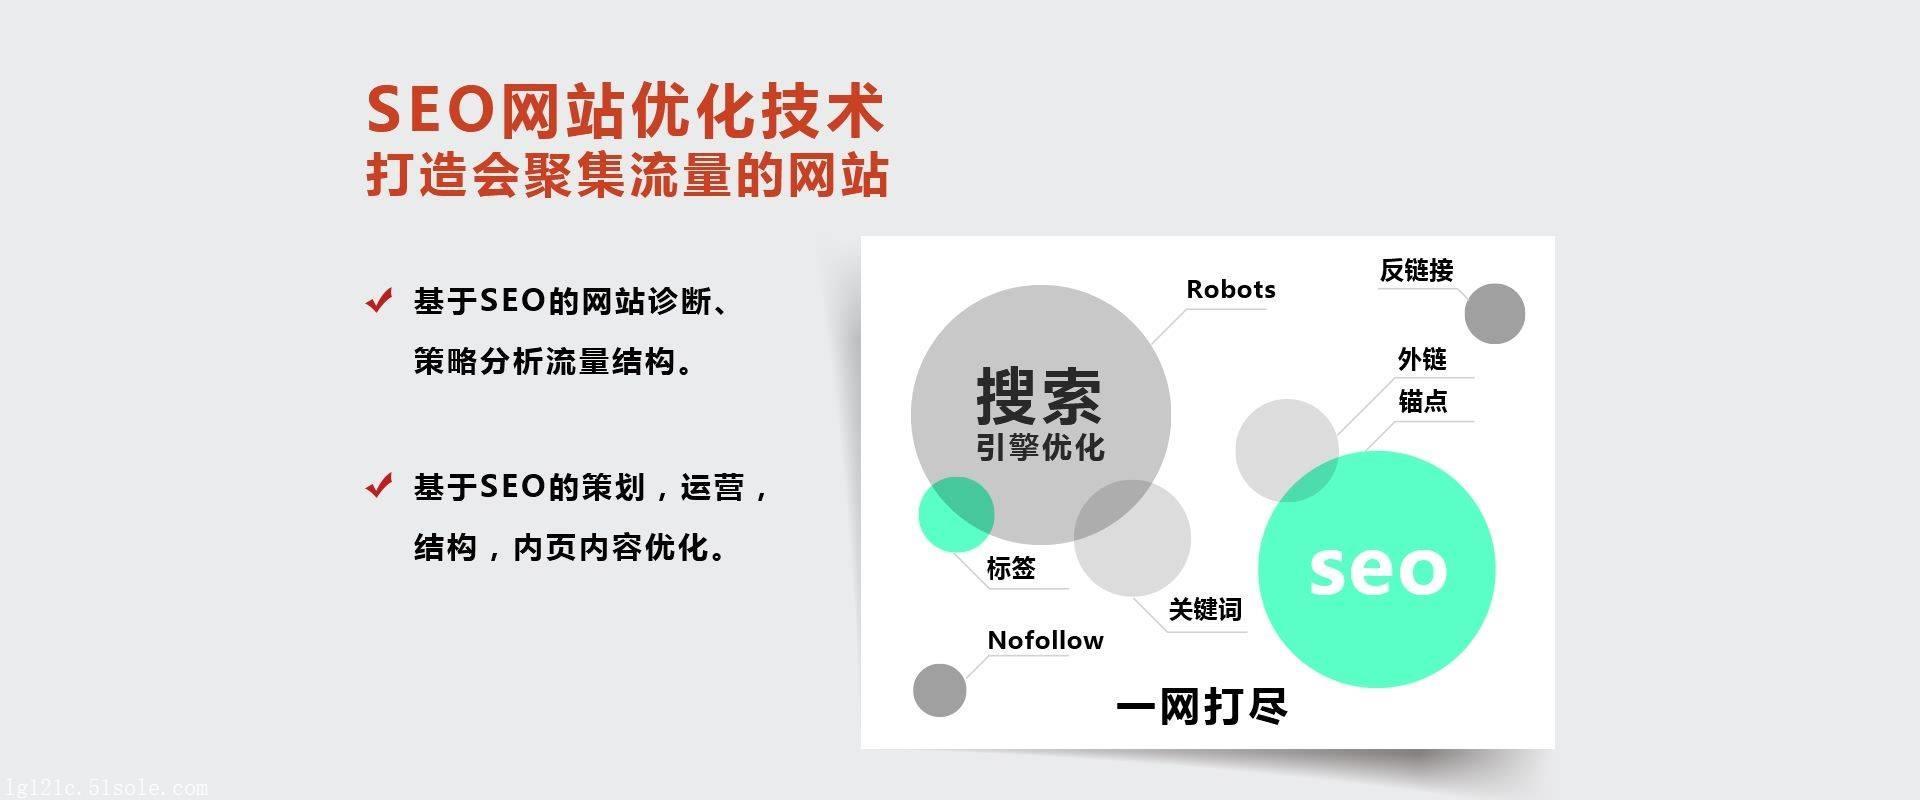 正规SEO公司  深圳网站优化公司